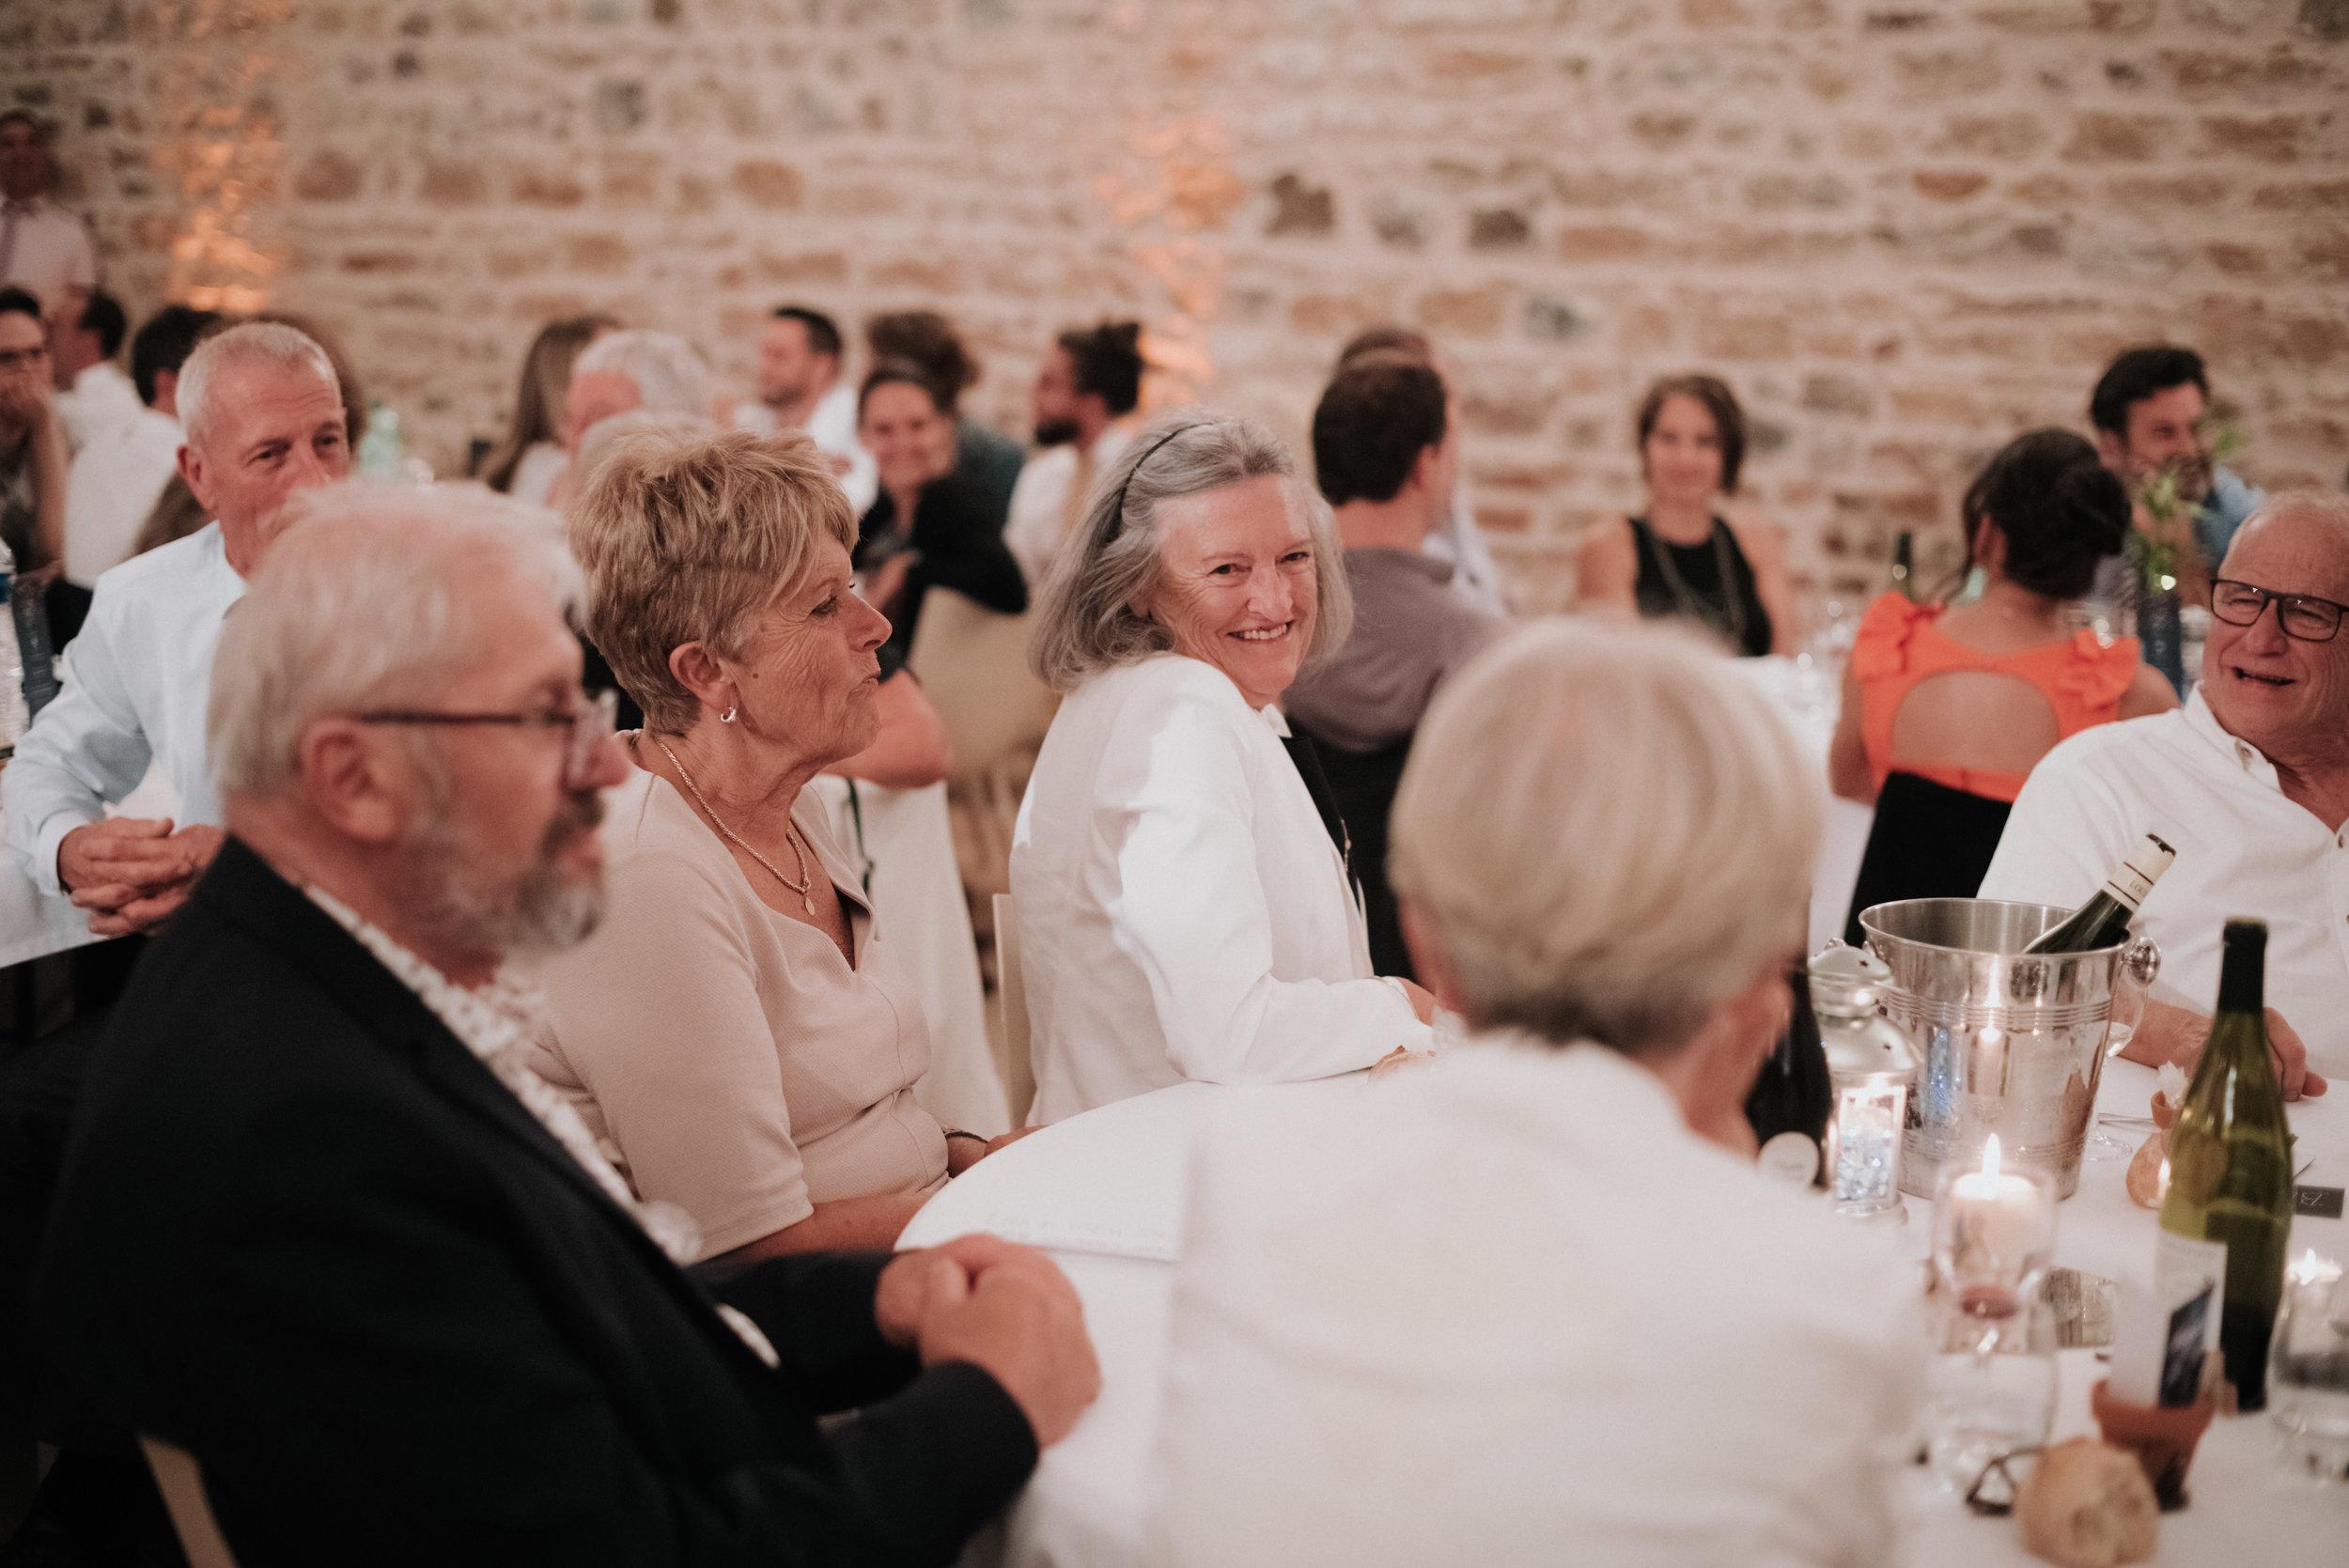 Léa-Fery-photographe-professionnel-lyon-rhone-alpes-portrait-creation-mariage-evenement-evenementiel-famille-9739.jpg